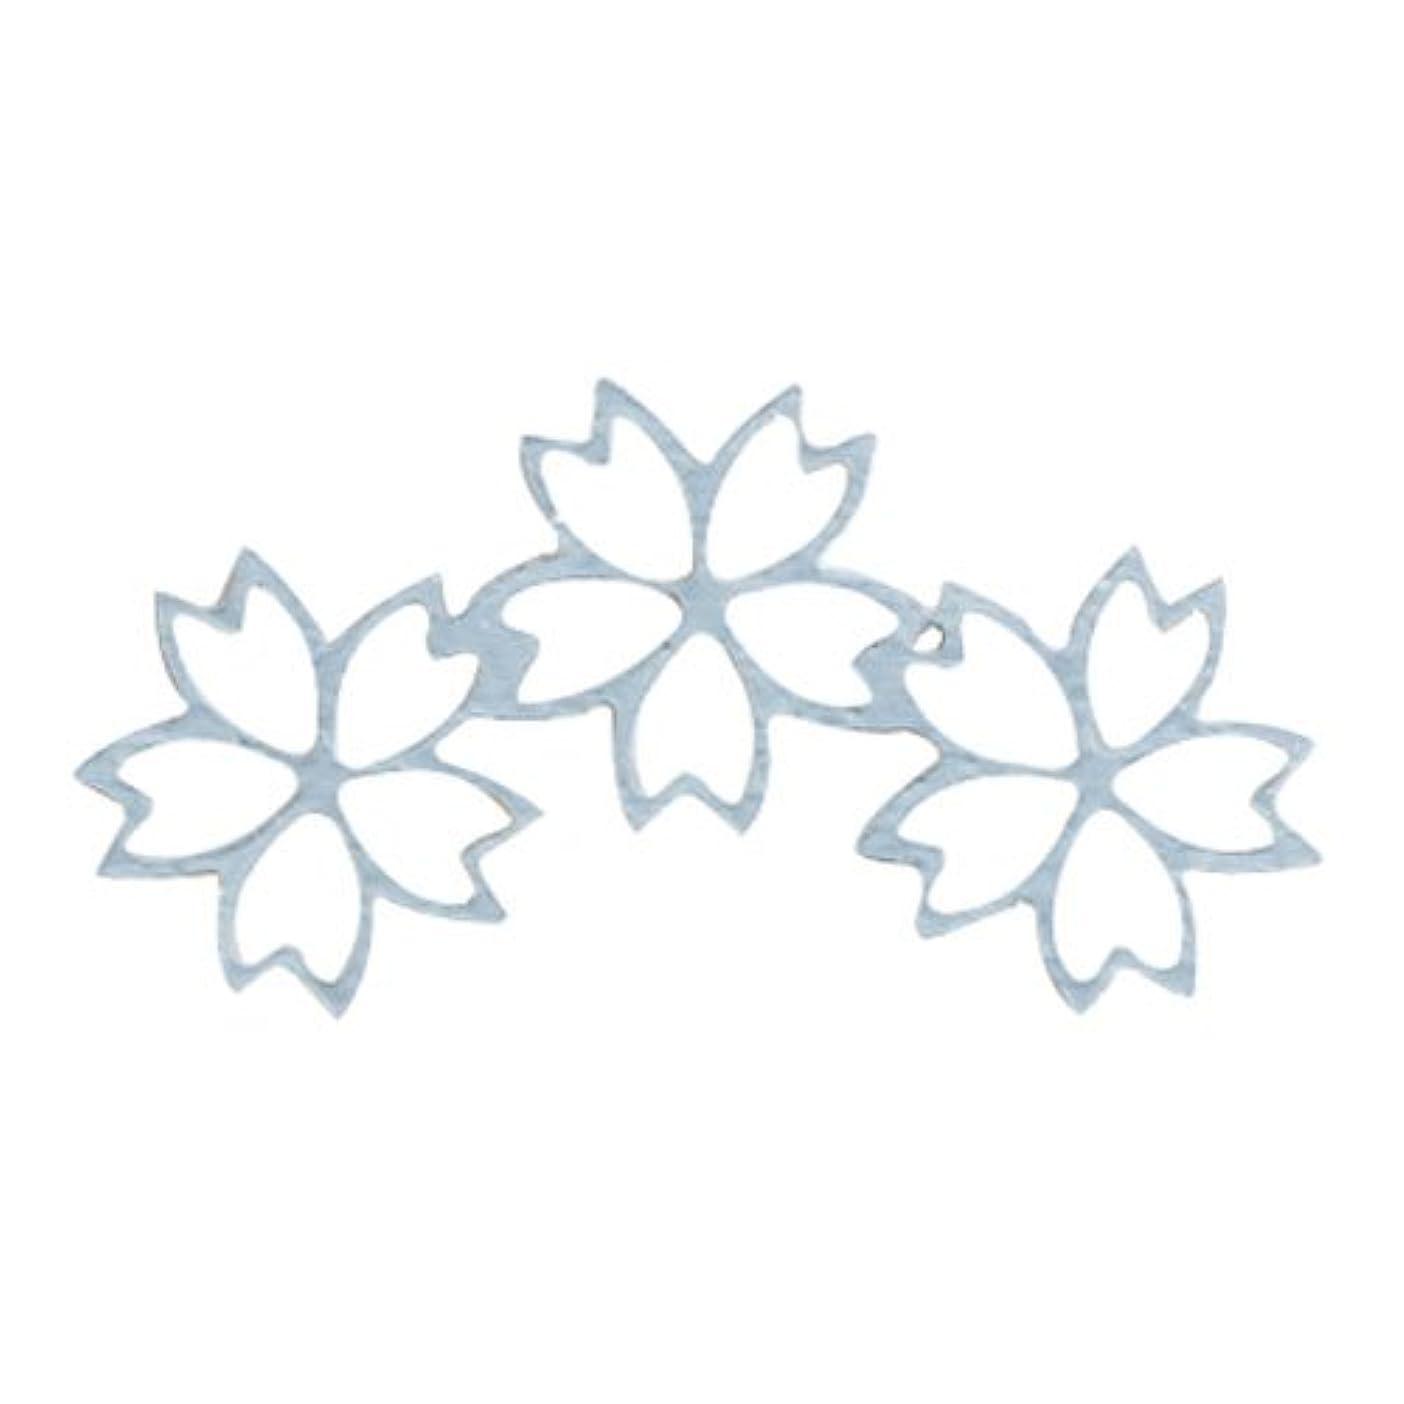 ハッピーカウントアップ中にリトルプリティー ネイルアートパーツ チェリーブロッサム3連スカシ シルバー 10個